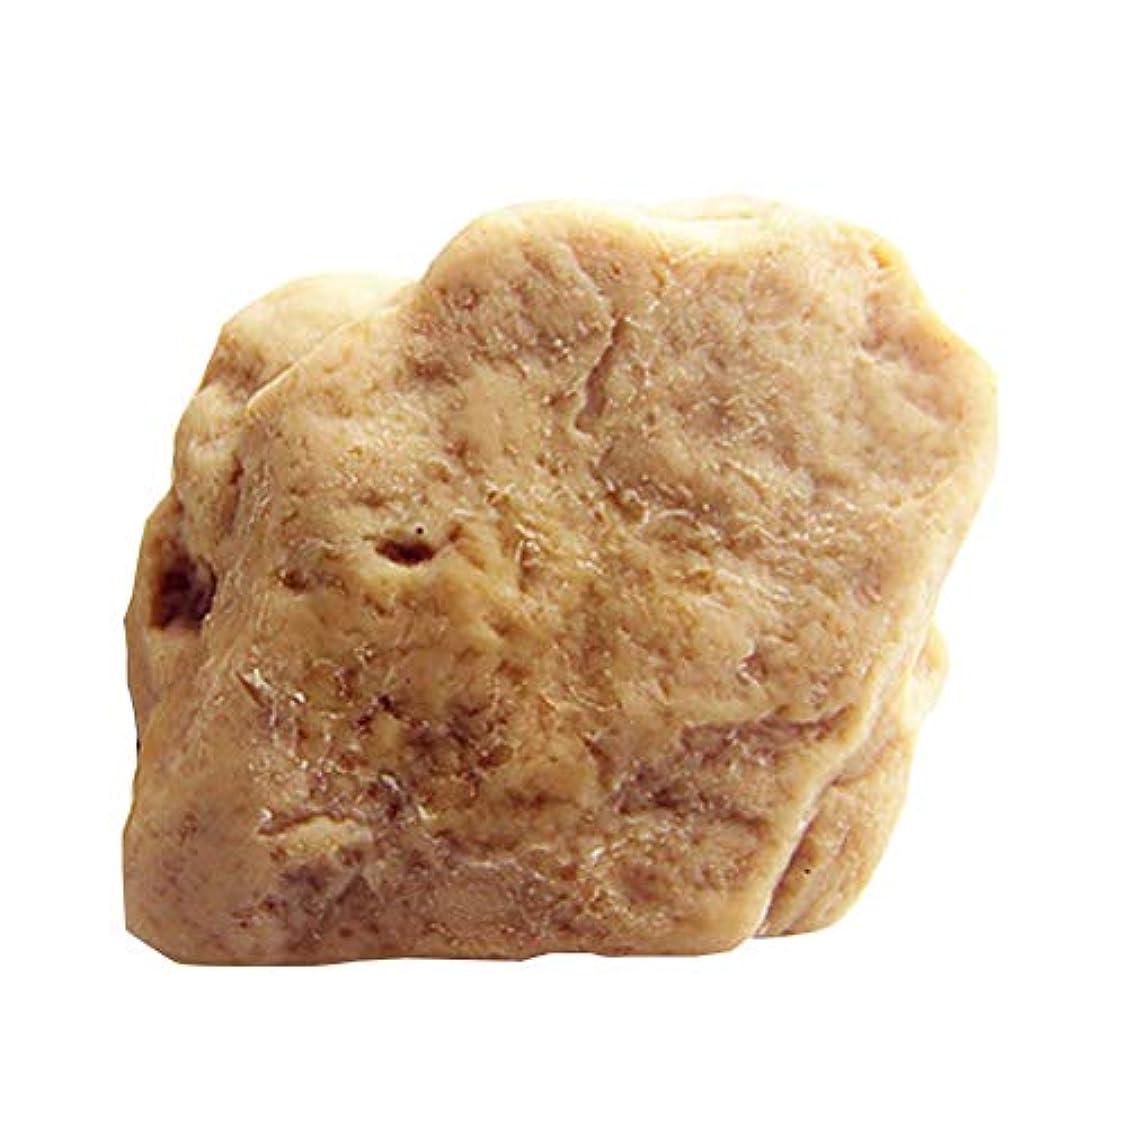 精通したマイクロフォン宿Creacom オリーブオイル 石鹸 肌に優しい無添加 毛穴 対策 洗顔石鹸 保湿 固形 毛穴 黒ずみ 肌荒れ くすみ ニキビ 美白 美肌 角質除去 肌荒れ 乾燥肌 オイル肌 混合肌 対策 全身可能